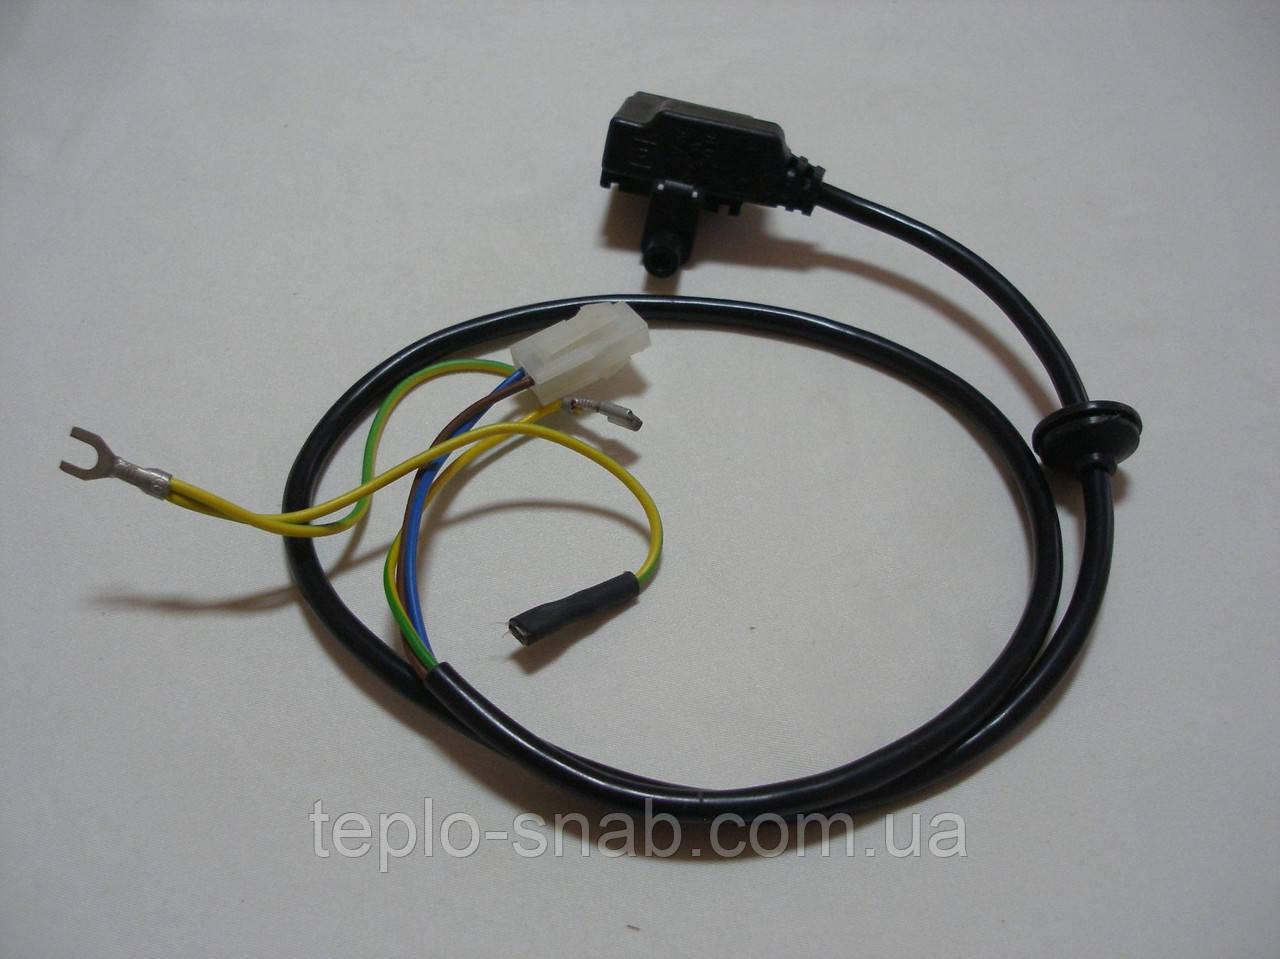 Кабель подключения газового клапана Honeywell для котла Immergas. 1.032209, 1.019555.